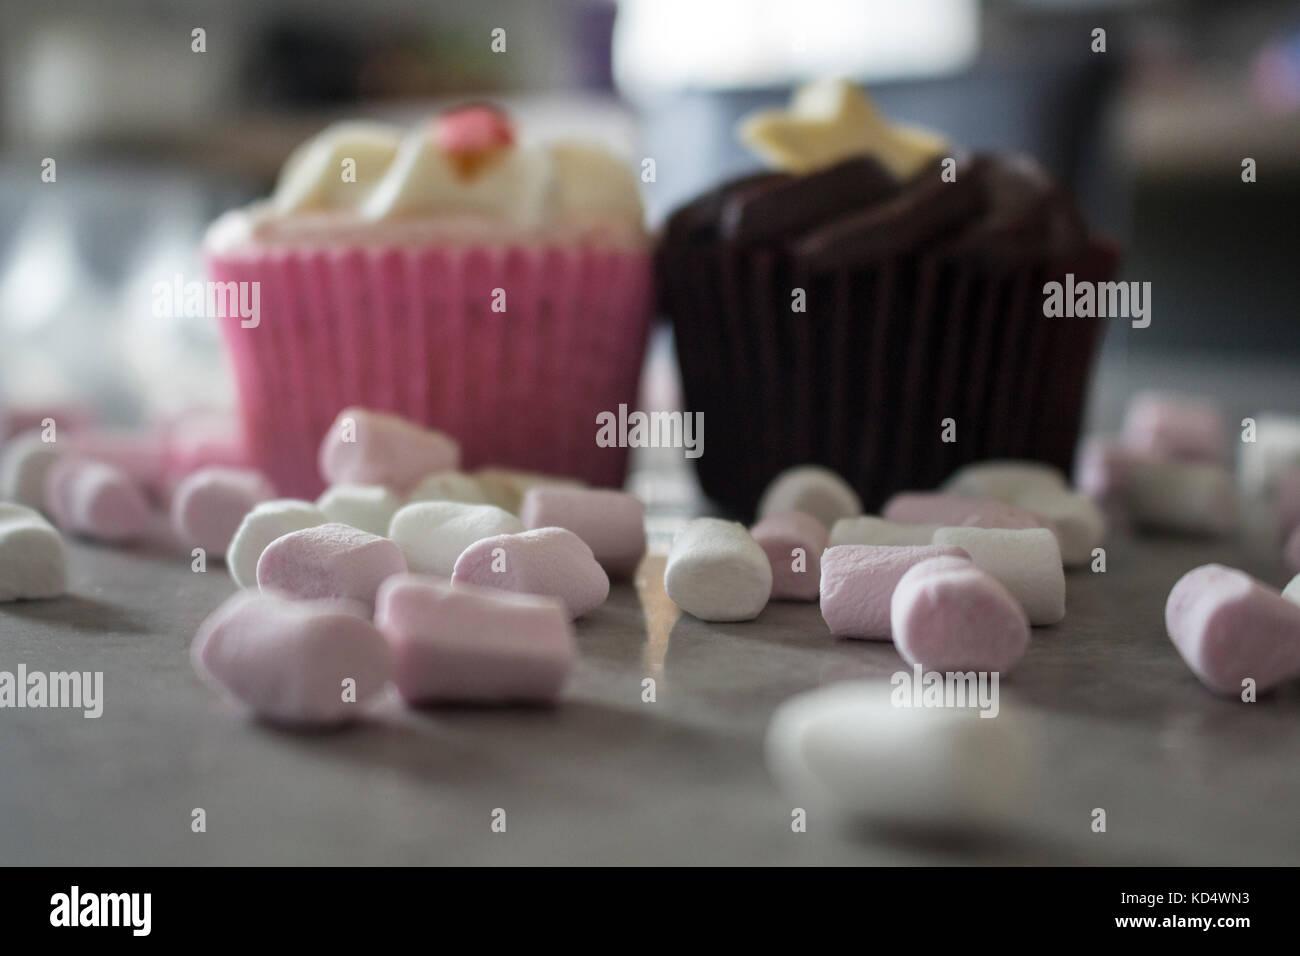 Erdbeer und Schokolade cupcakes durch heiße Schokolade mit Sahne und Schokolade abstauben begleitet. Stockbild